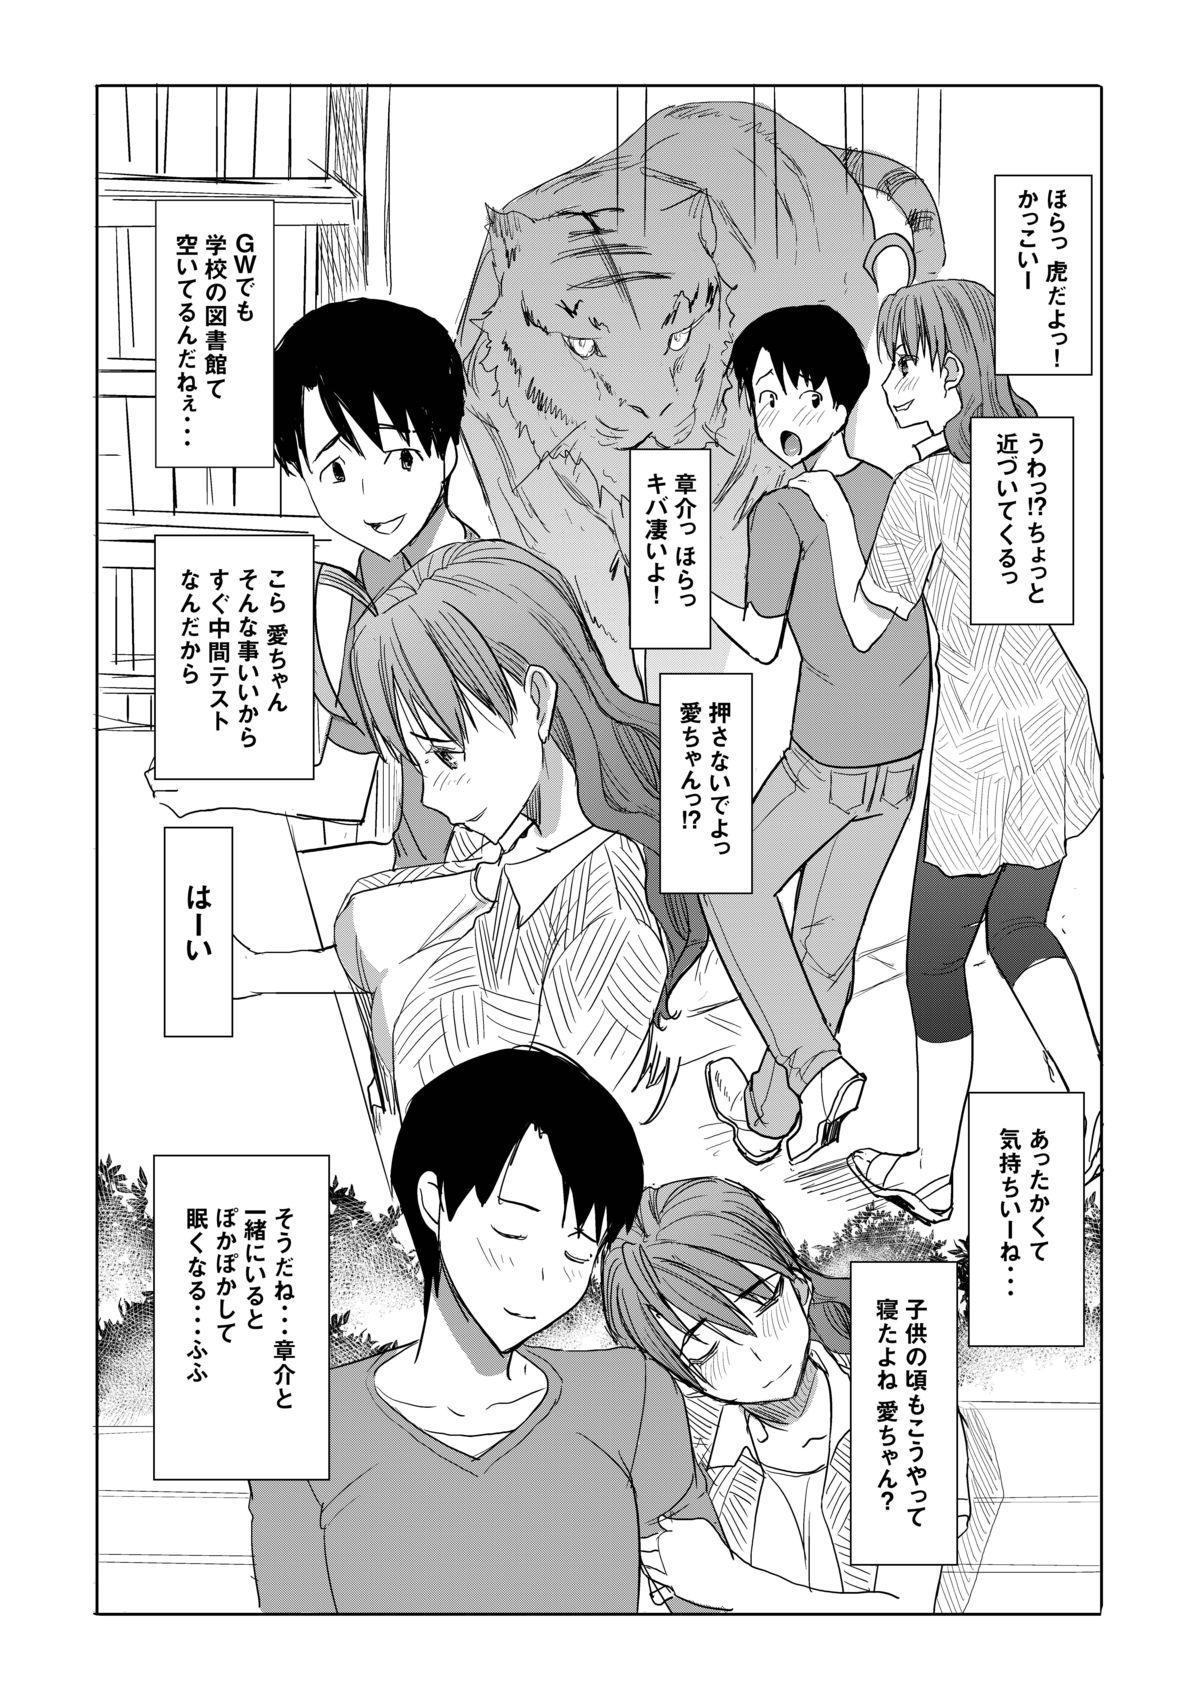 Unsweet Inoue Ai Watashi wa Dare wo Aishiteru no... Daisuki na Koibito... Soretomo Aitsu... act 1 33